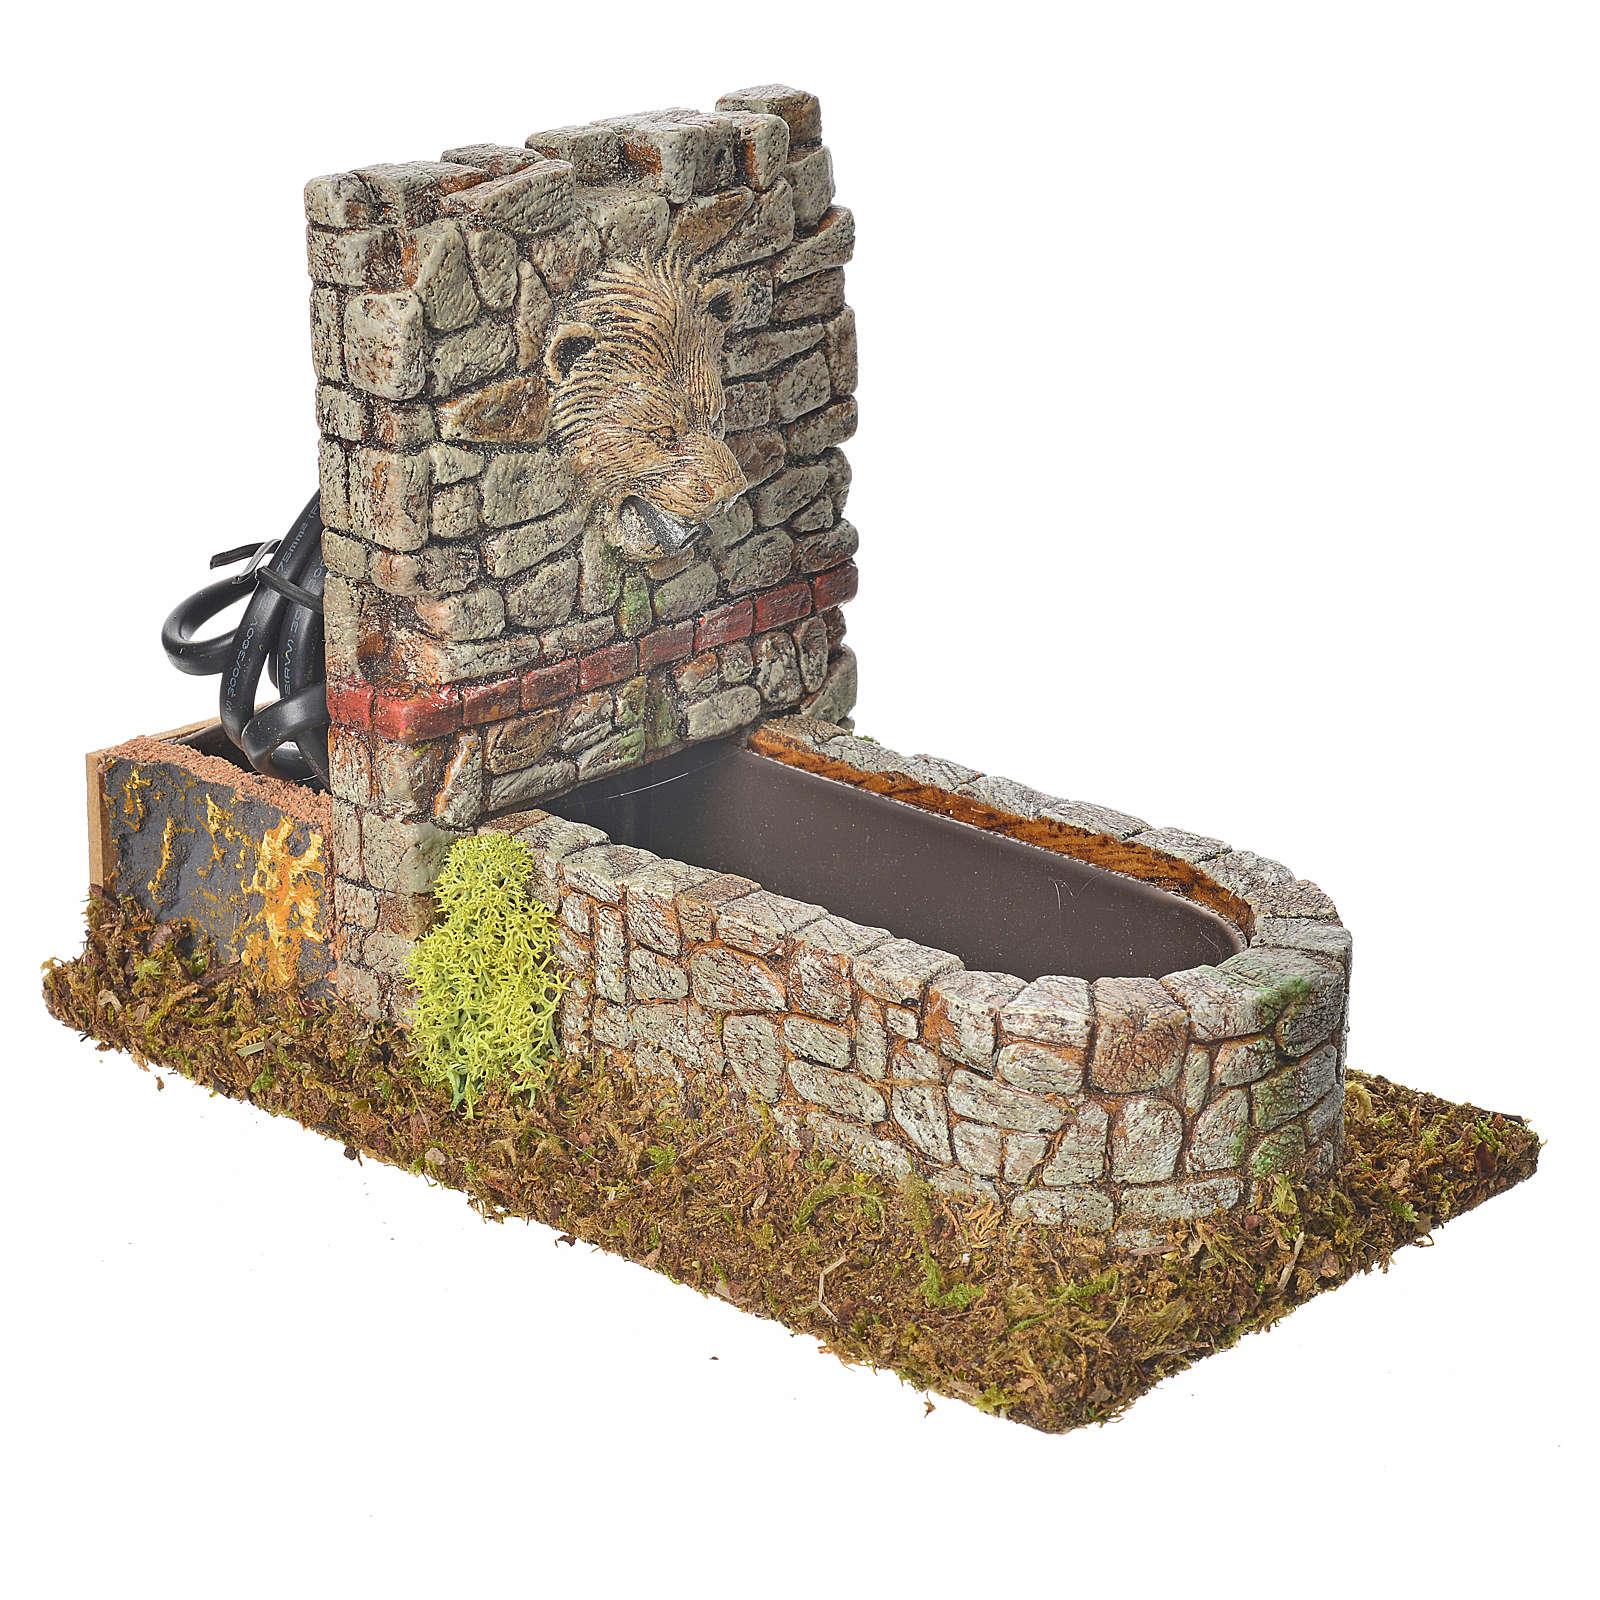 Fuente romana en resina escenografía belén 4